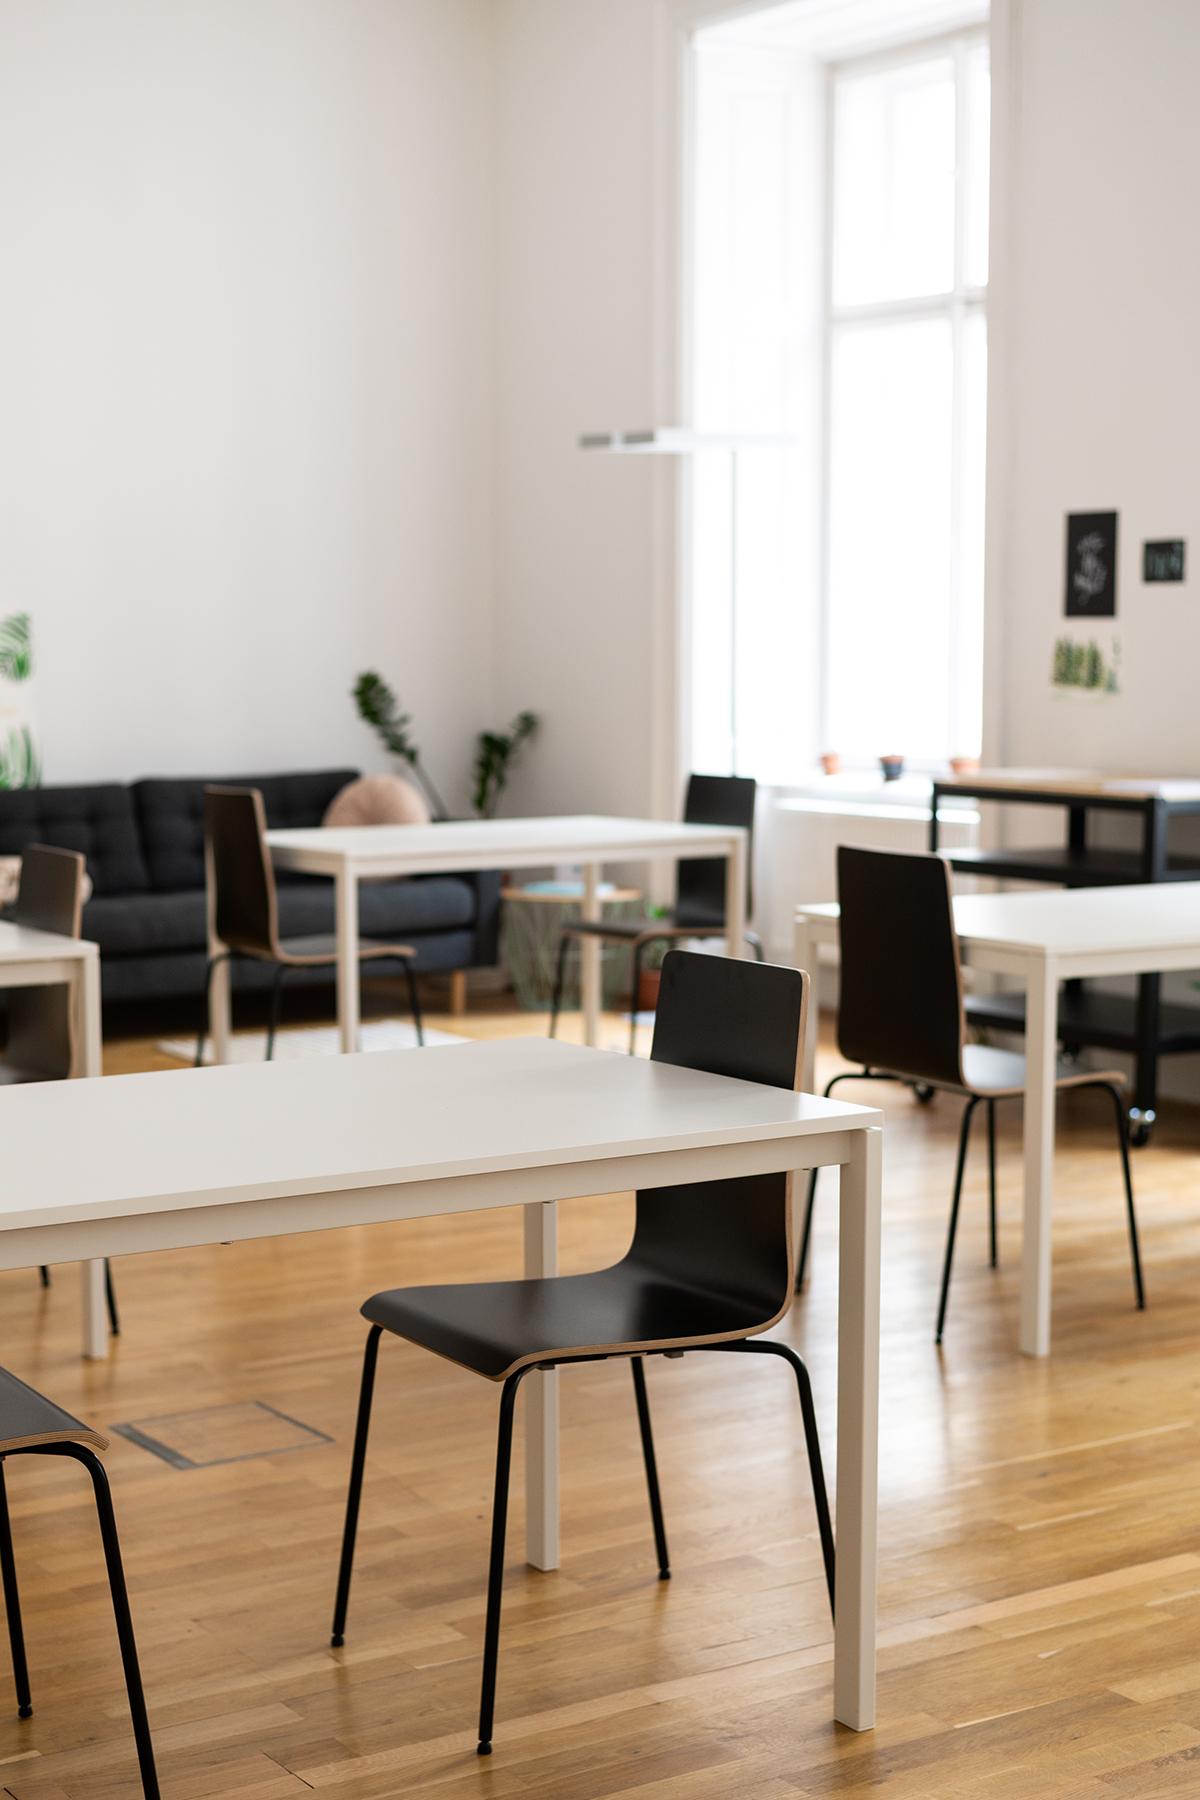 DIY-STUDIO in Wien | we love handmade